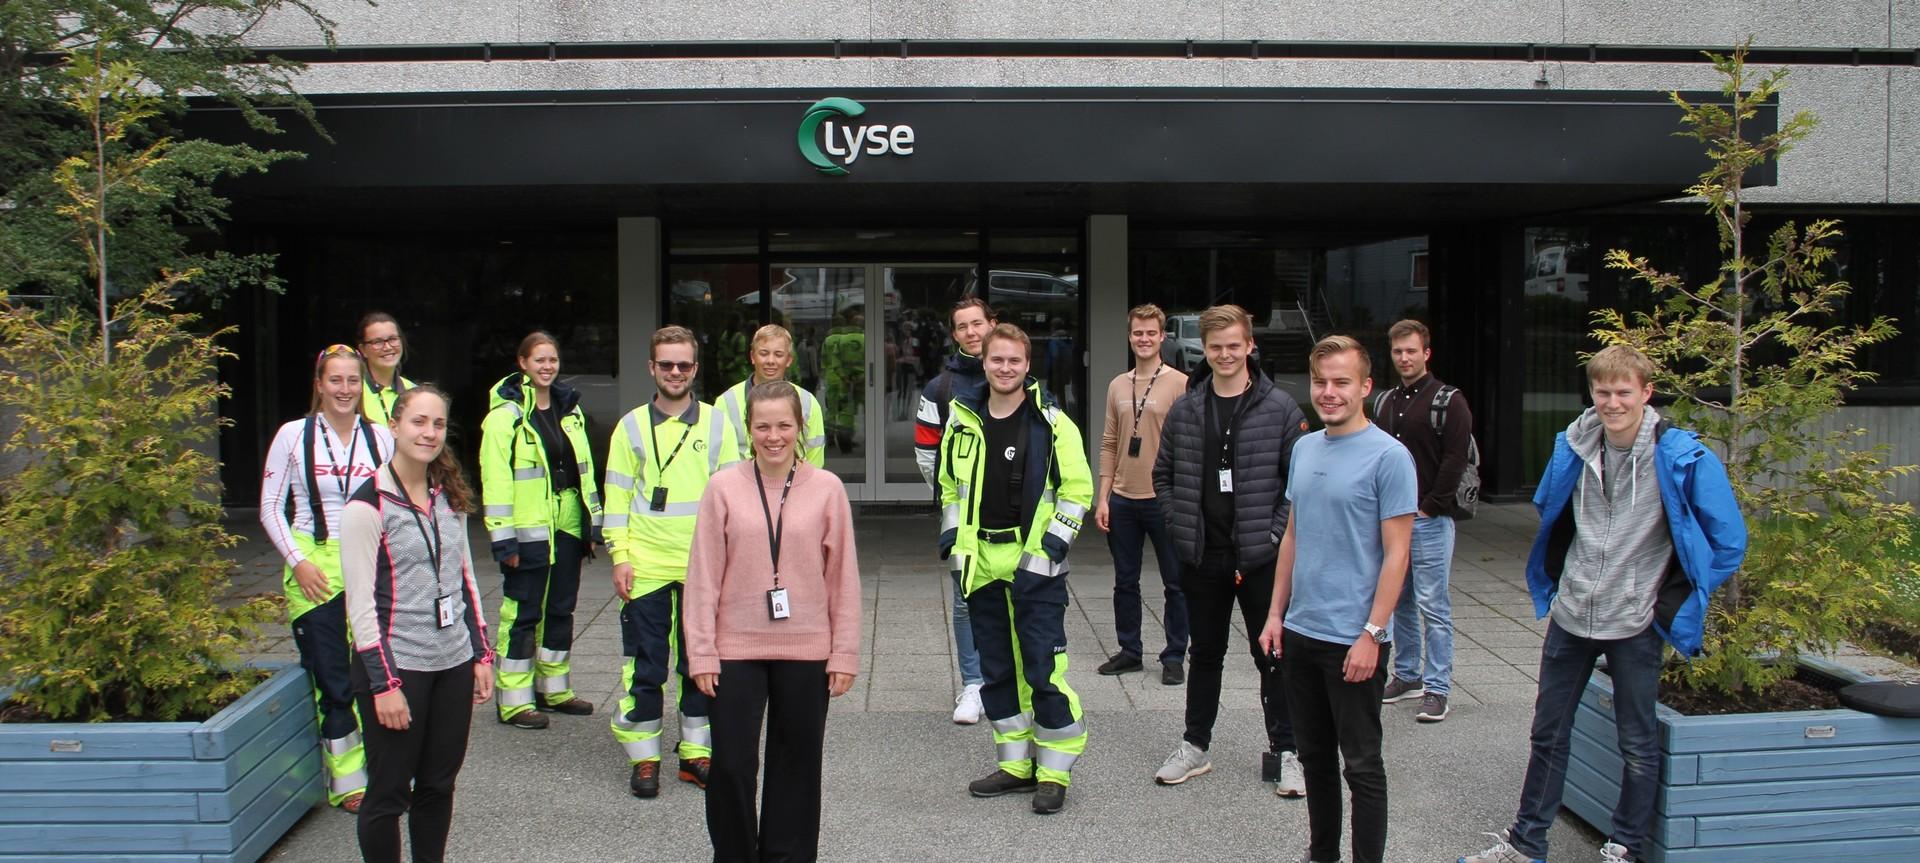 14 sommervikarer med behørig avstand fra hverandre utenfor Lyse sitt lokale i Sandnes